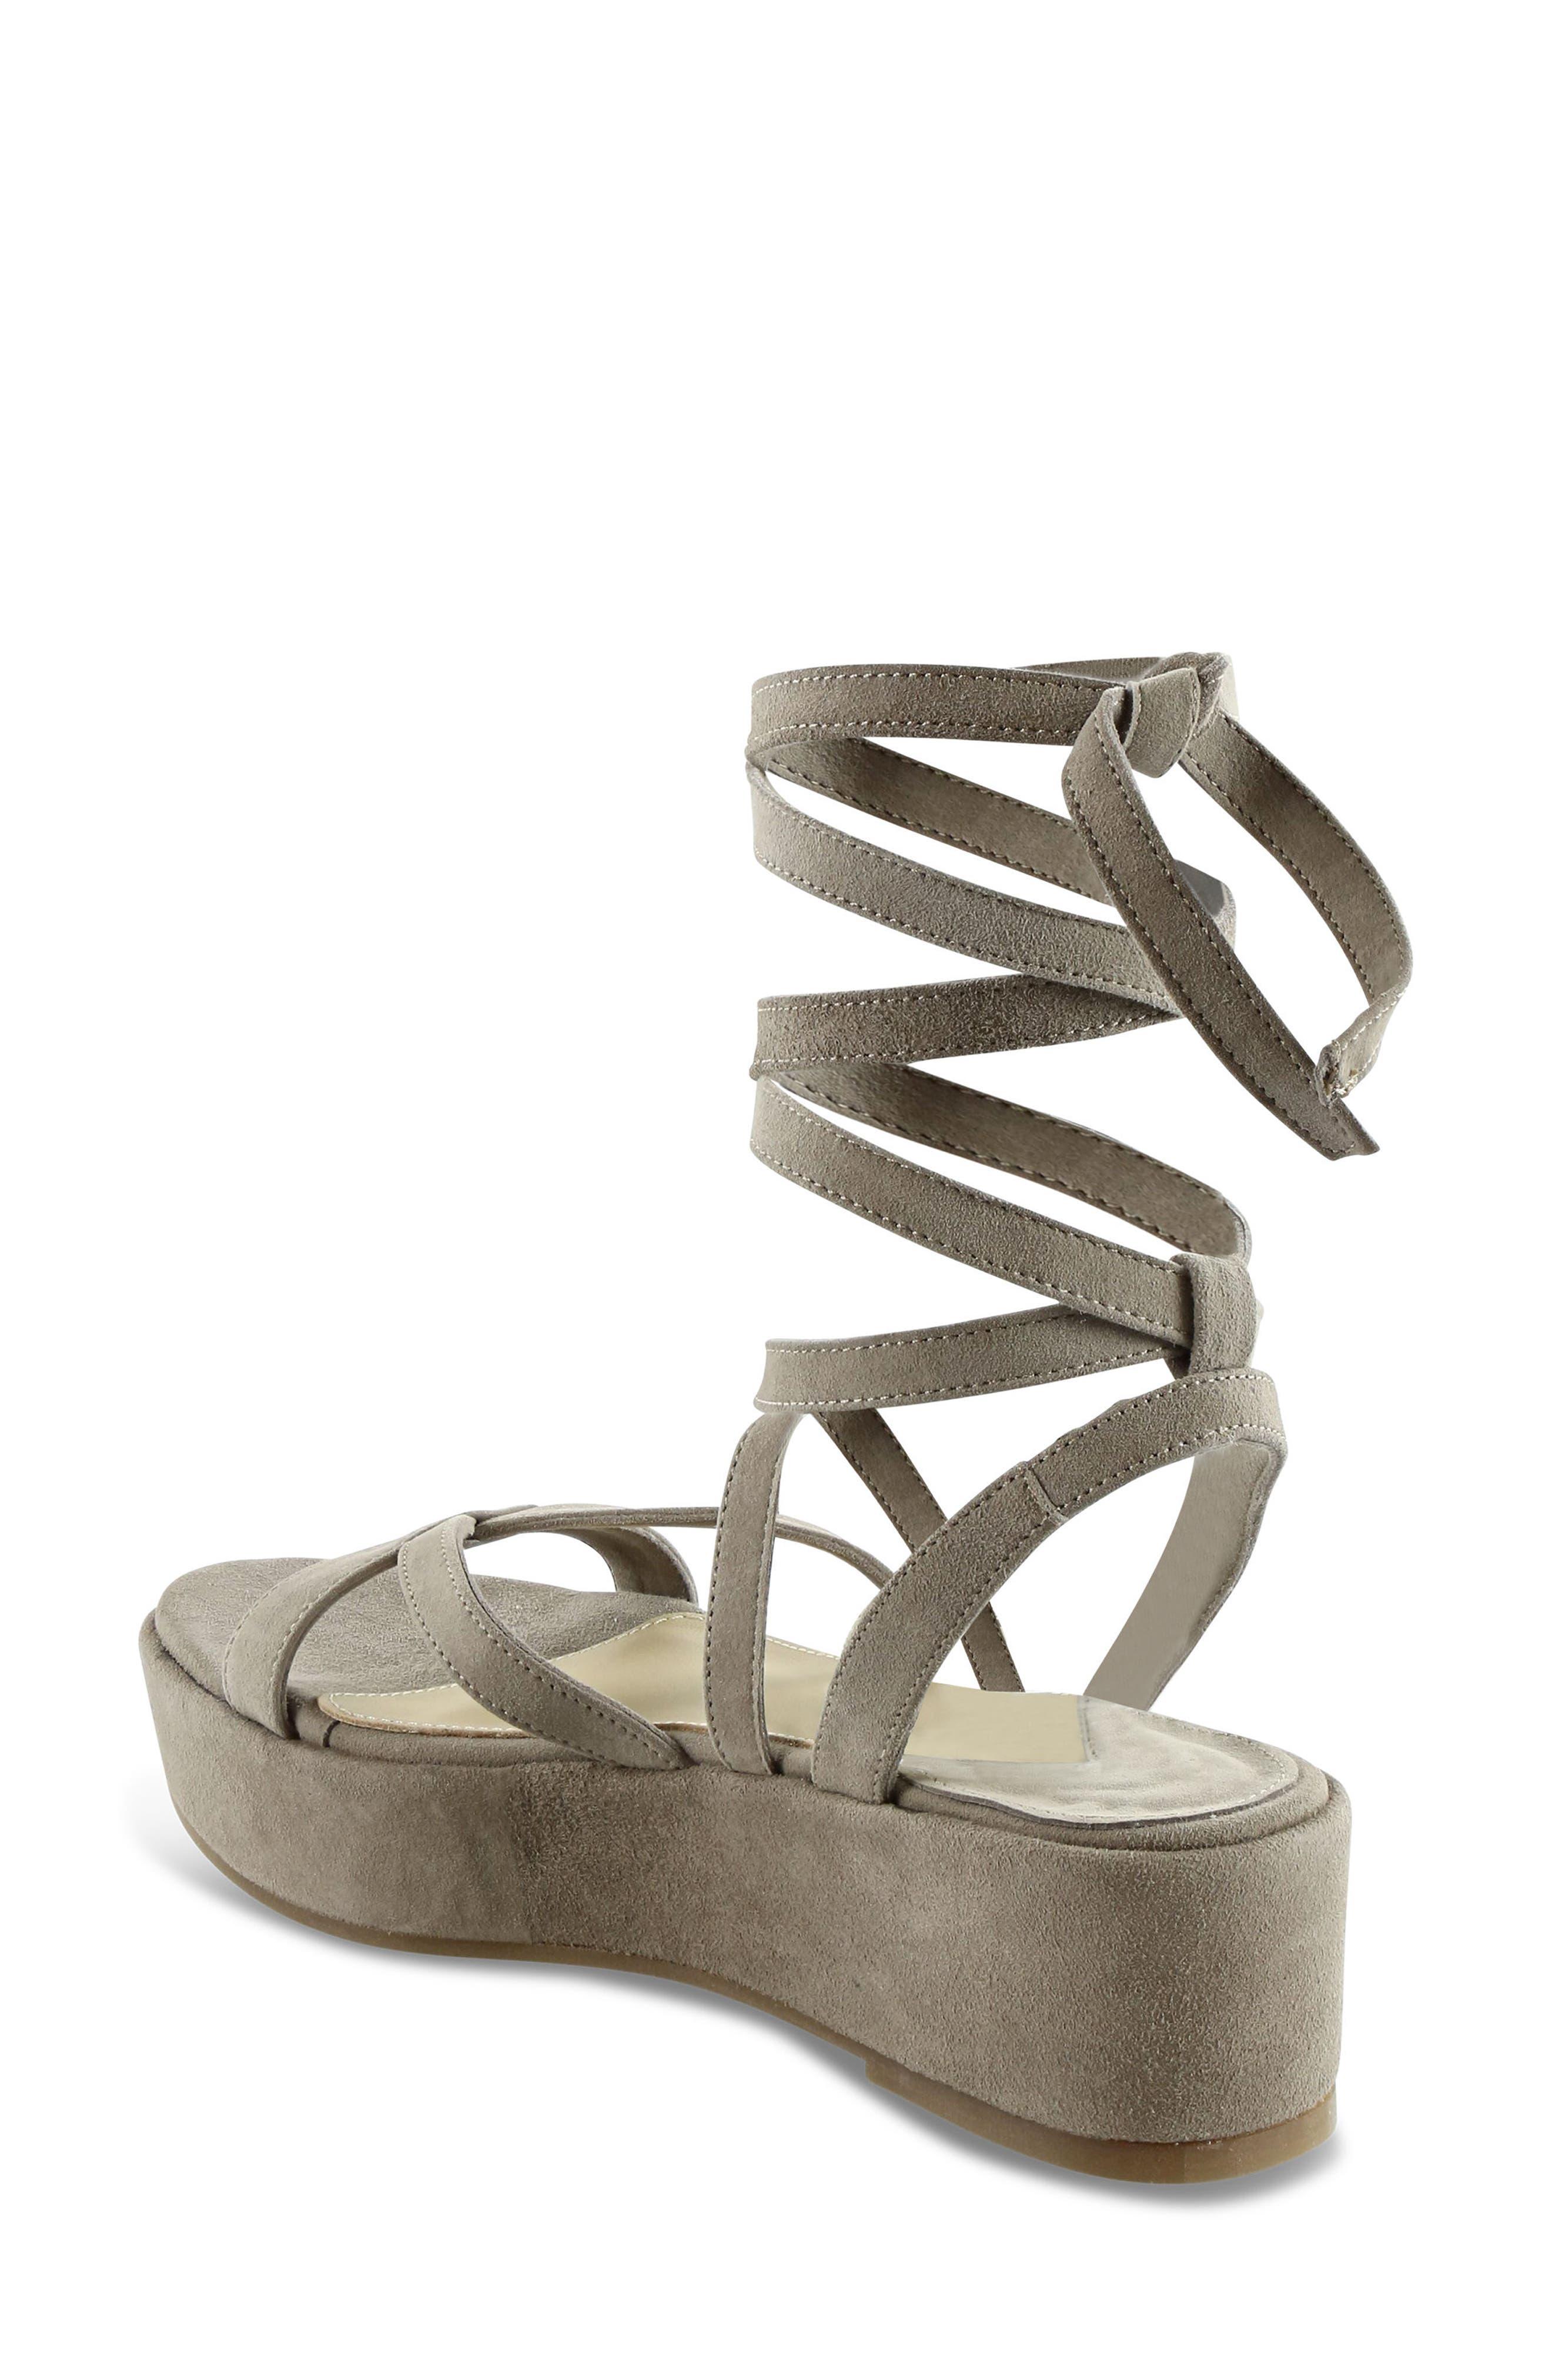 Keri Gladiator Platform Sandal,                             Alternate thumbnail 3, color,                             Camel Suede